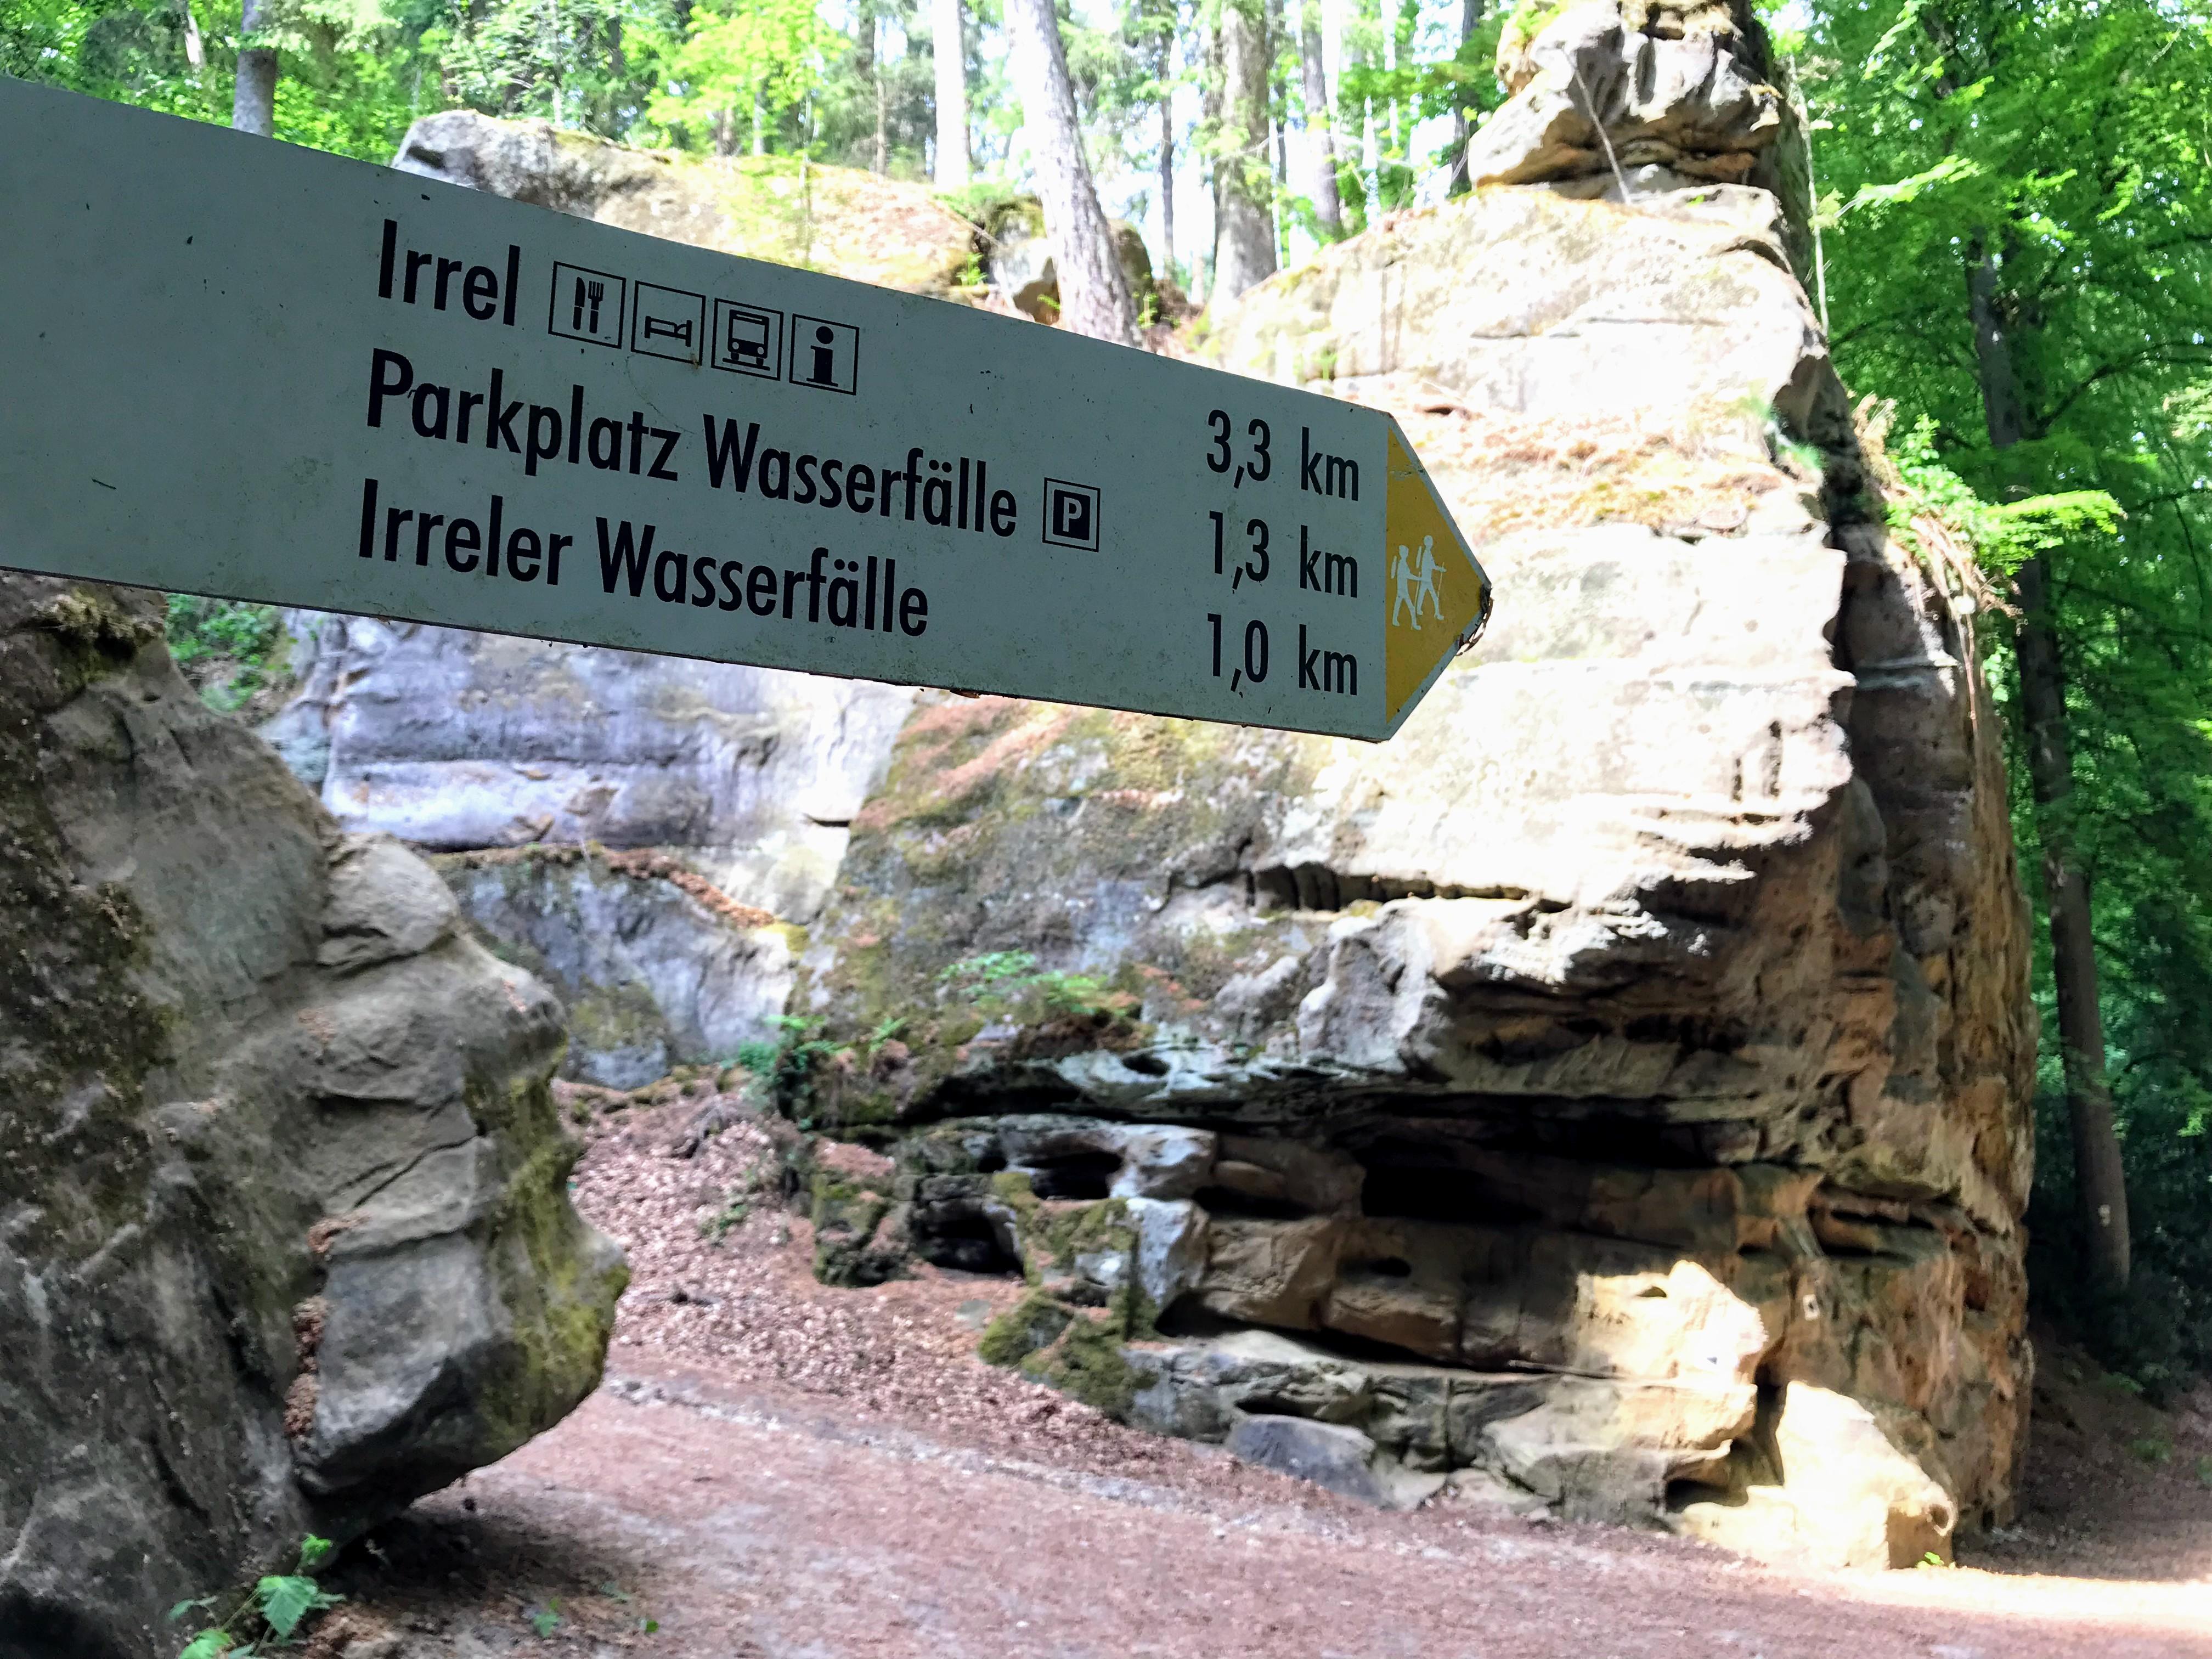 Wandeling Irreler Wasserfälle